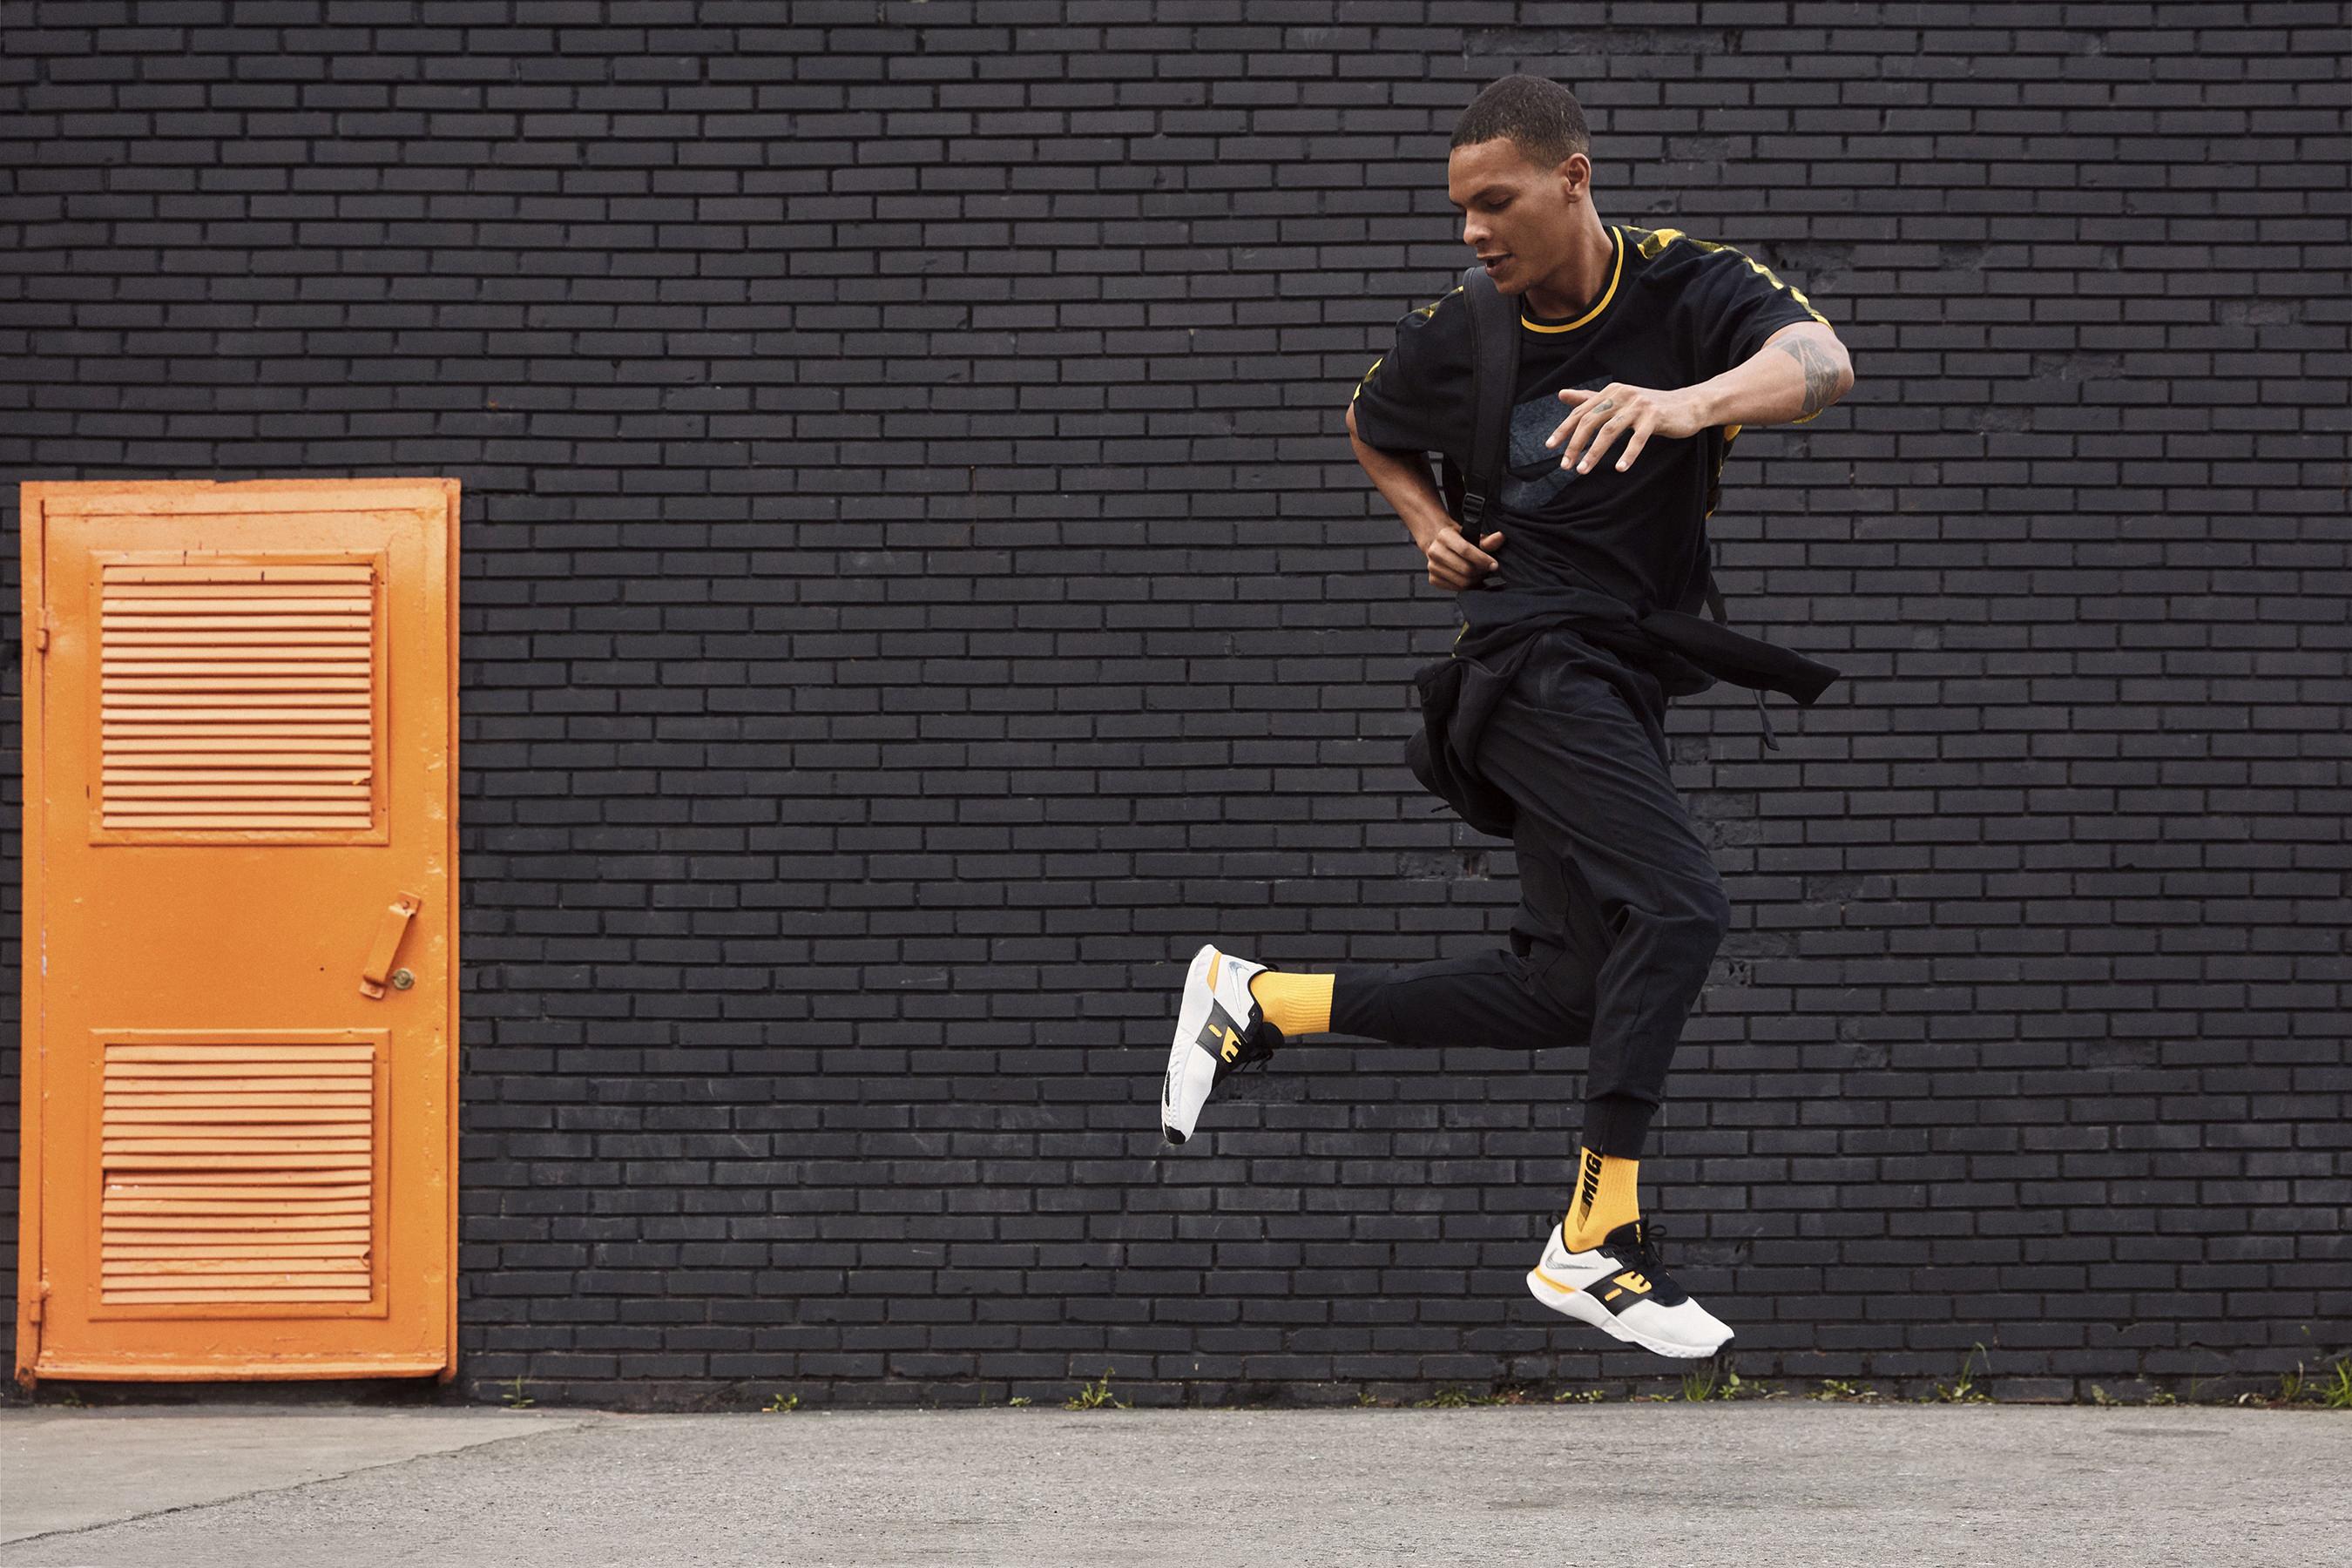 NikeFlo_0037